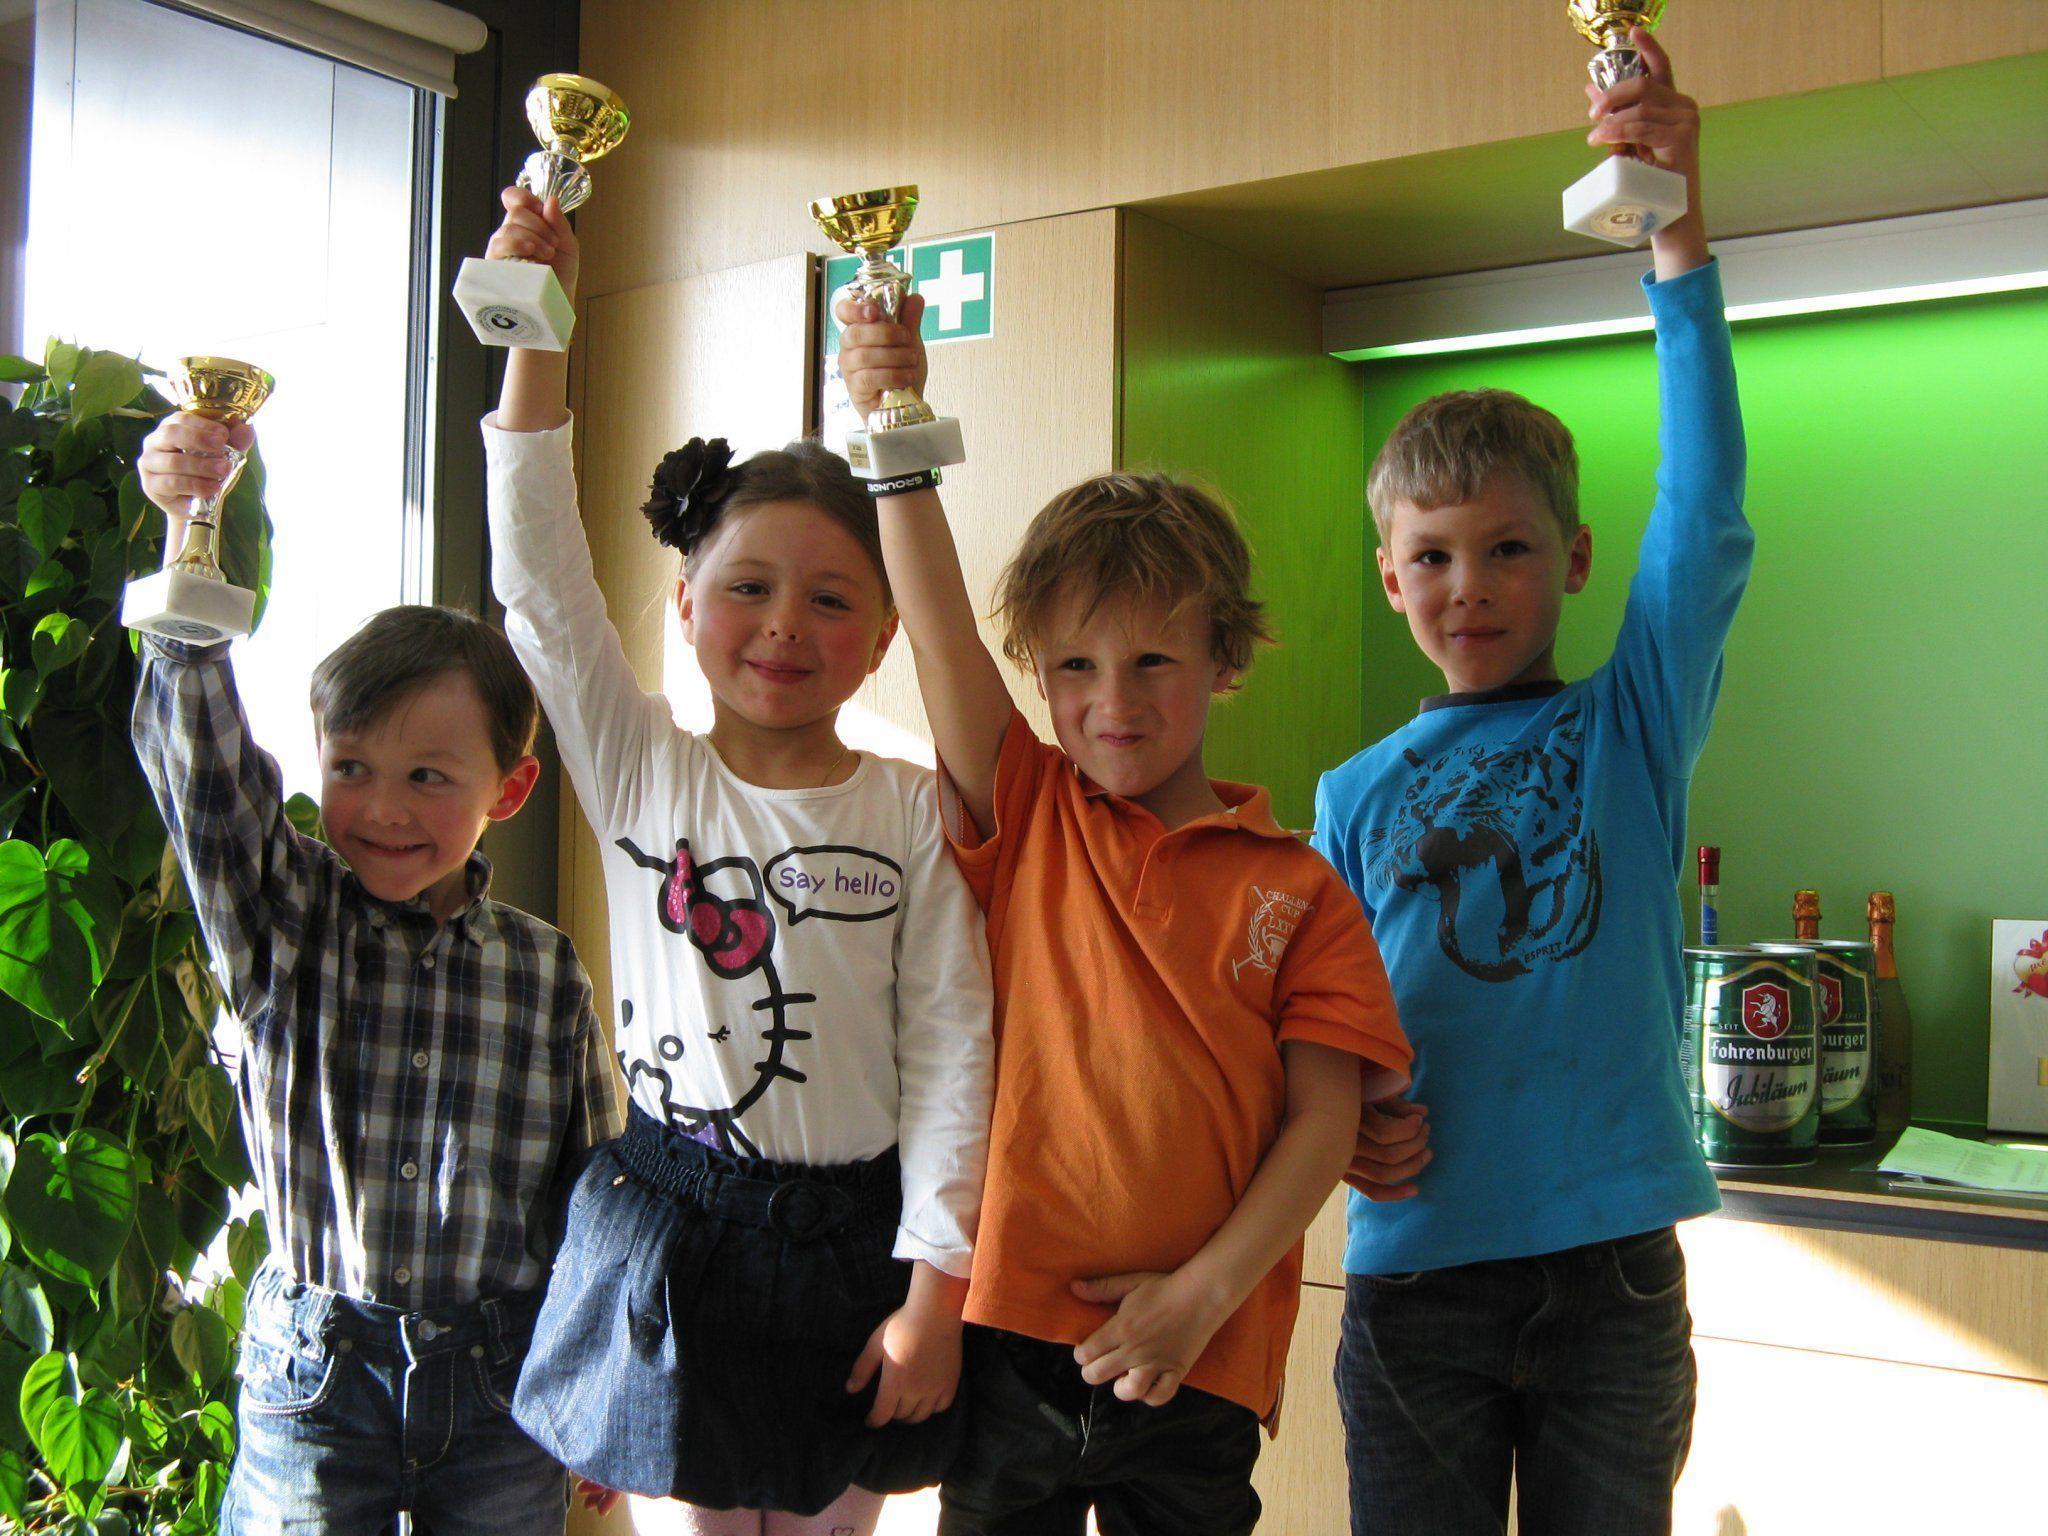 So sehen Sieger aus! Stolzer Rennnachwuchs des SV Götzis: Phillip, Jessica, Conrad & Linus